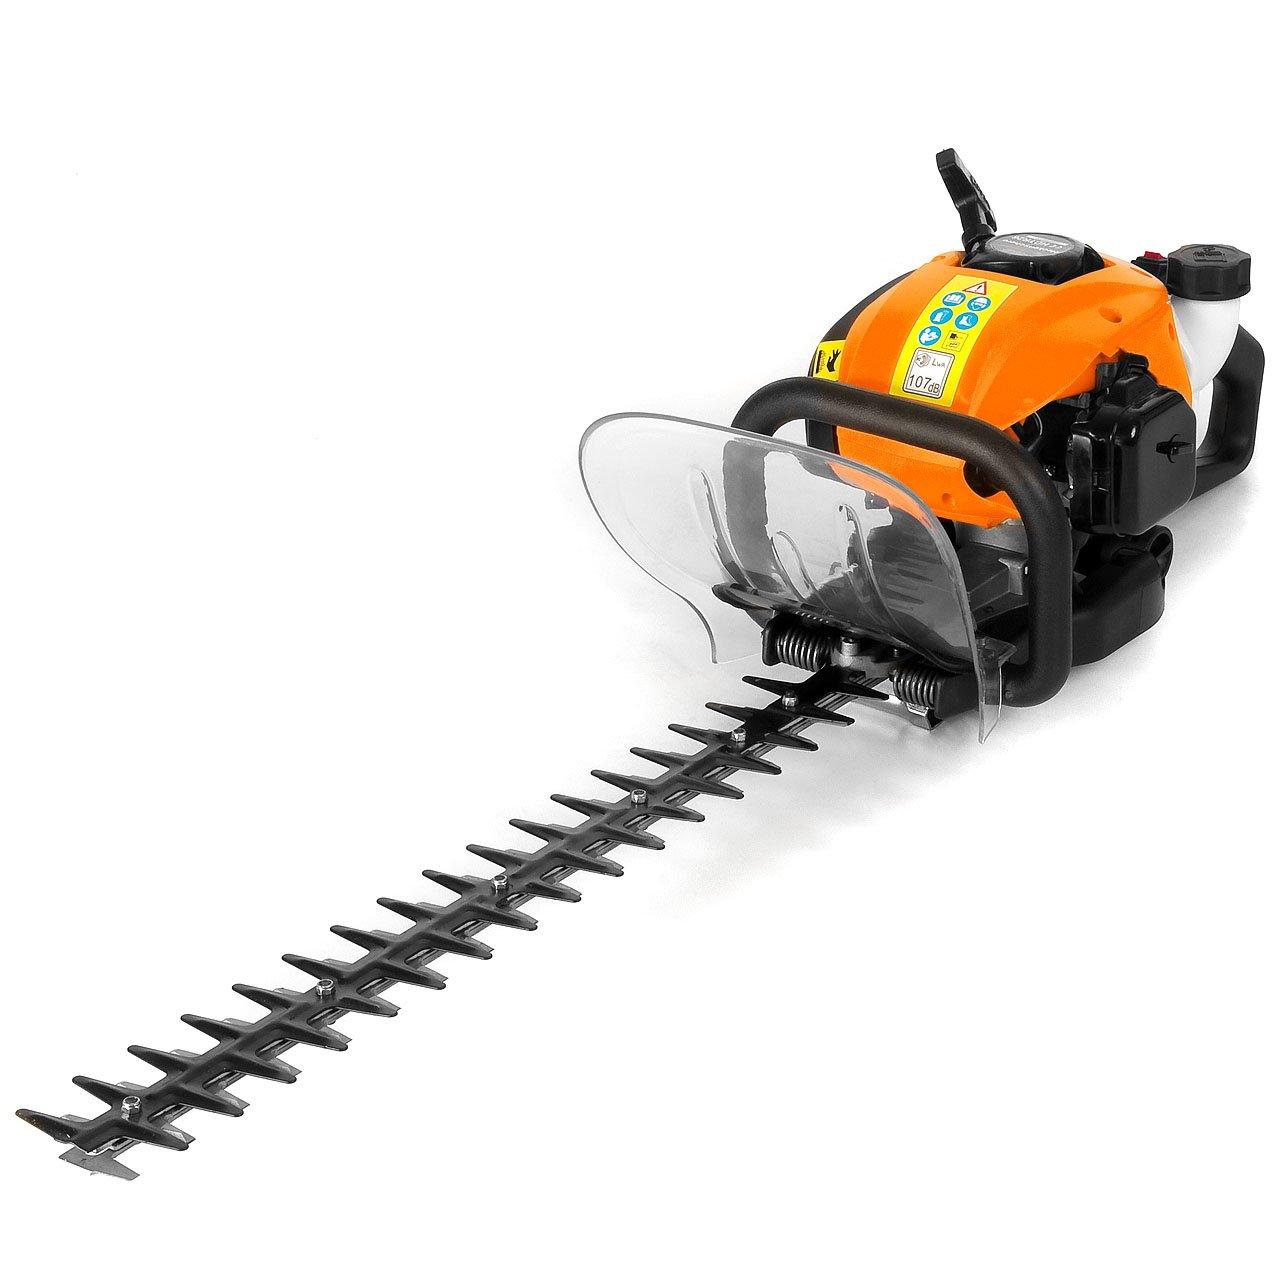 Rotfuchs® 1,22 PS Benzin Heckenschere HDTR26 Orange mit 25,4 ccm, 55cm Schwertlänge  GartenKundenbewertung und Beschreibung